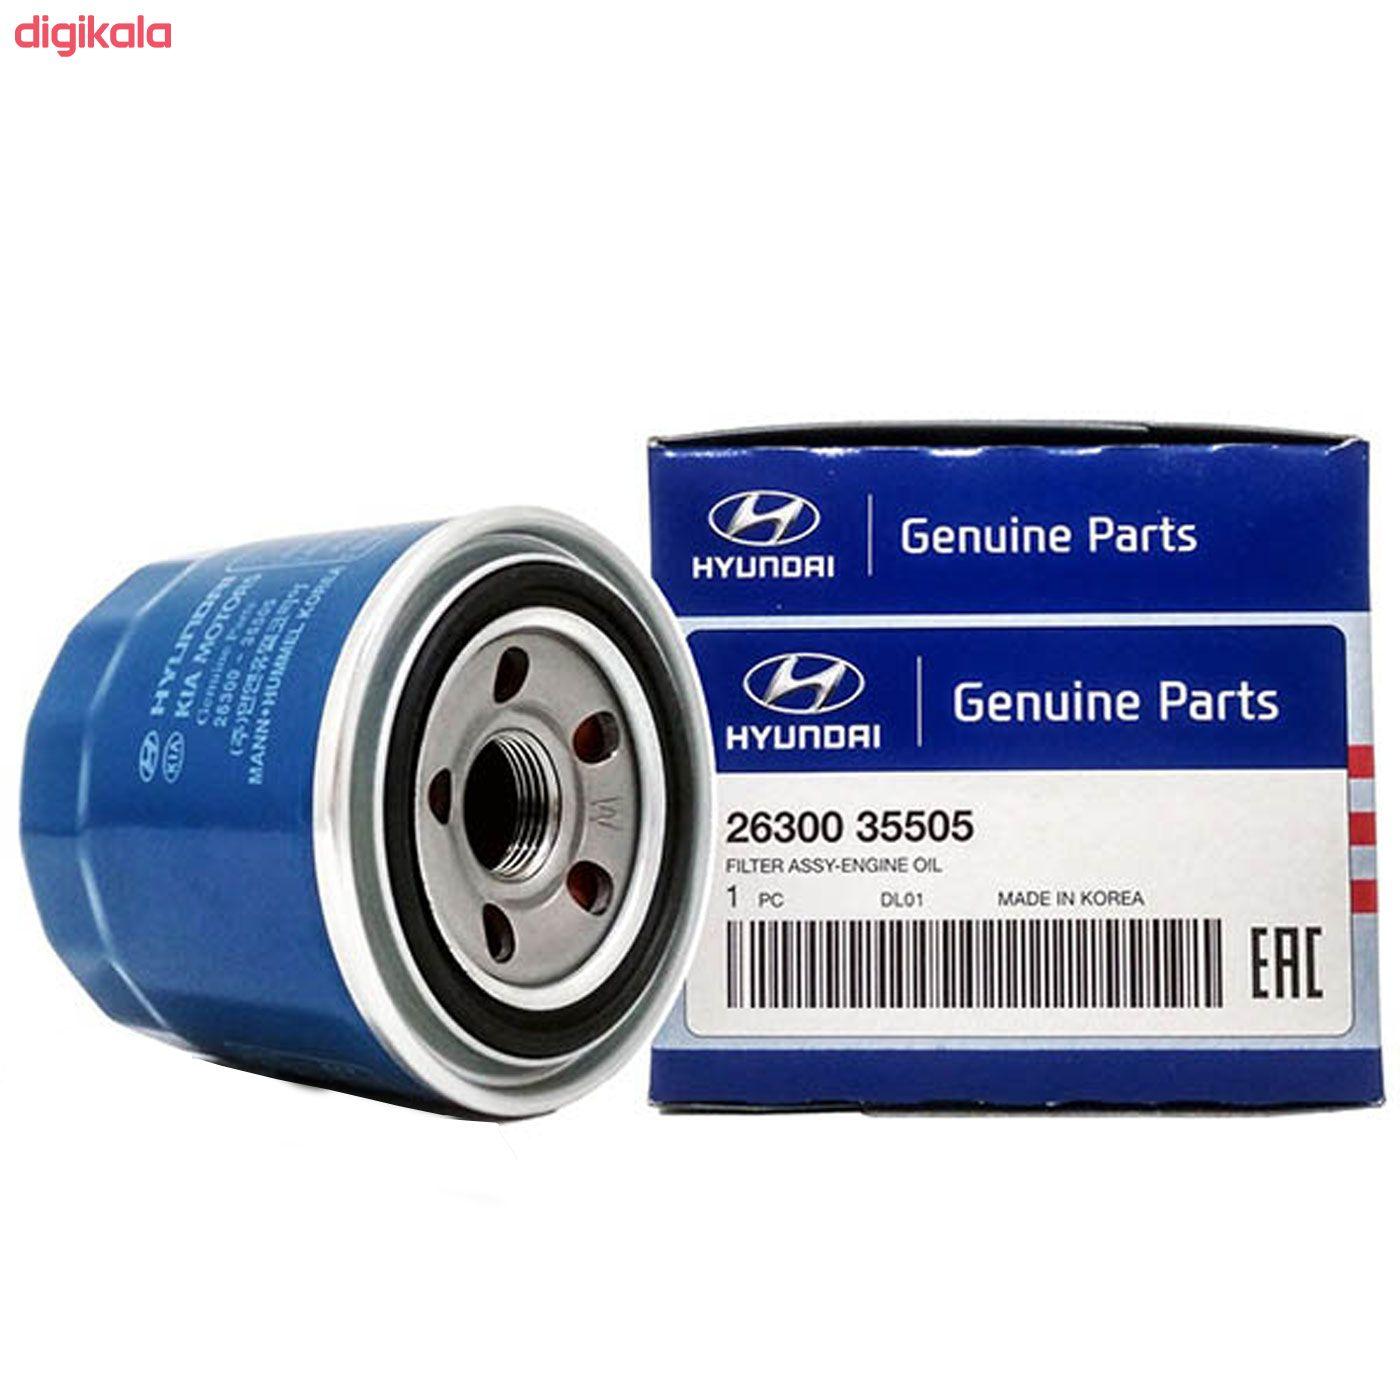 فیلتر روغن خودرو هیوندای جنیون پارتس مدل 35505 مناسب برای هیوندای اکسنت main 1 1